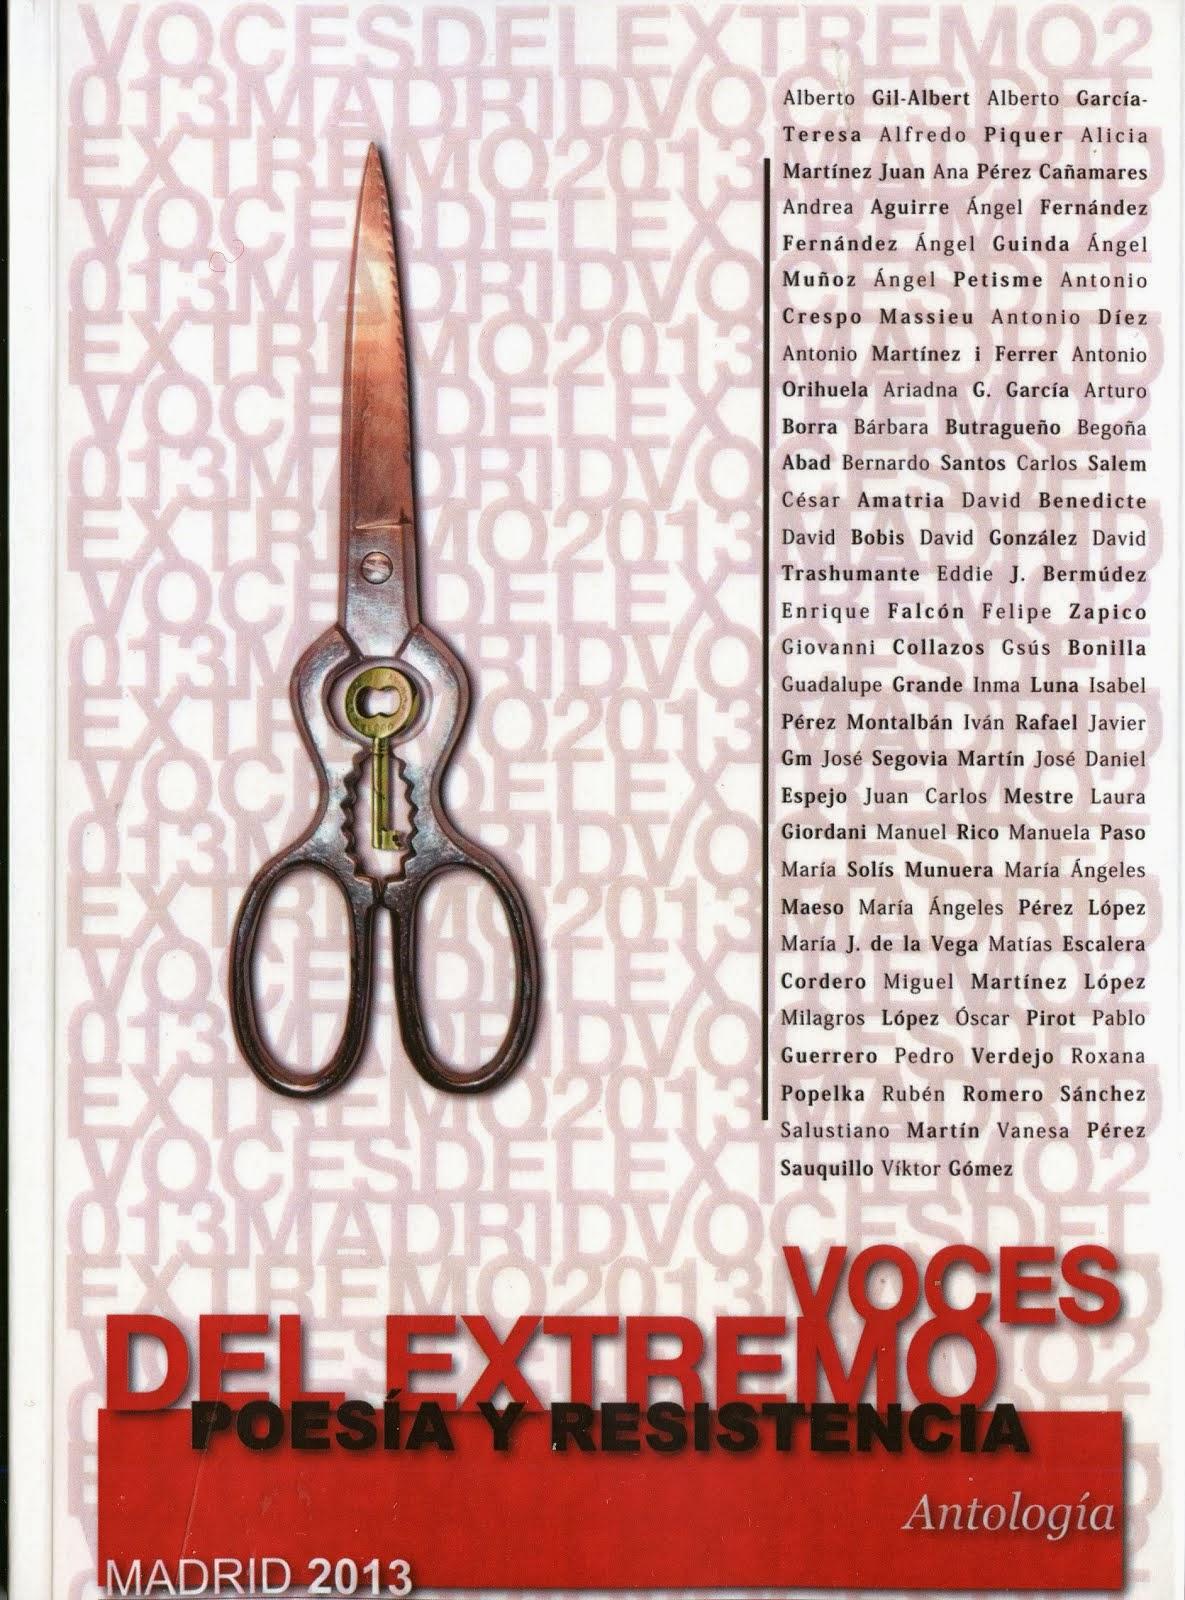 VOCES DEL EXTREMO (1 POEMA)